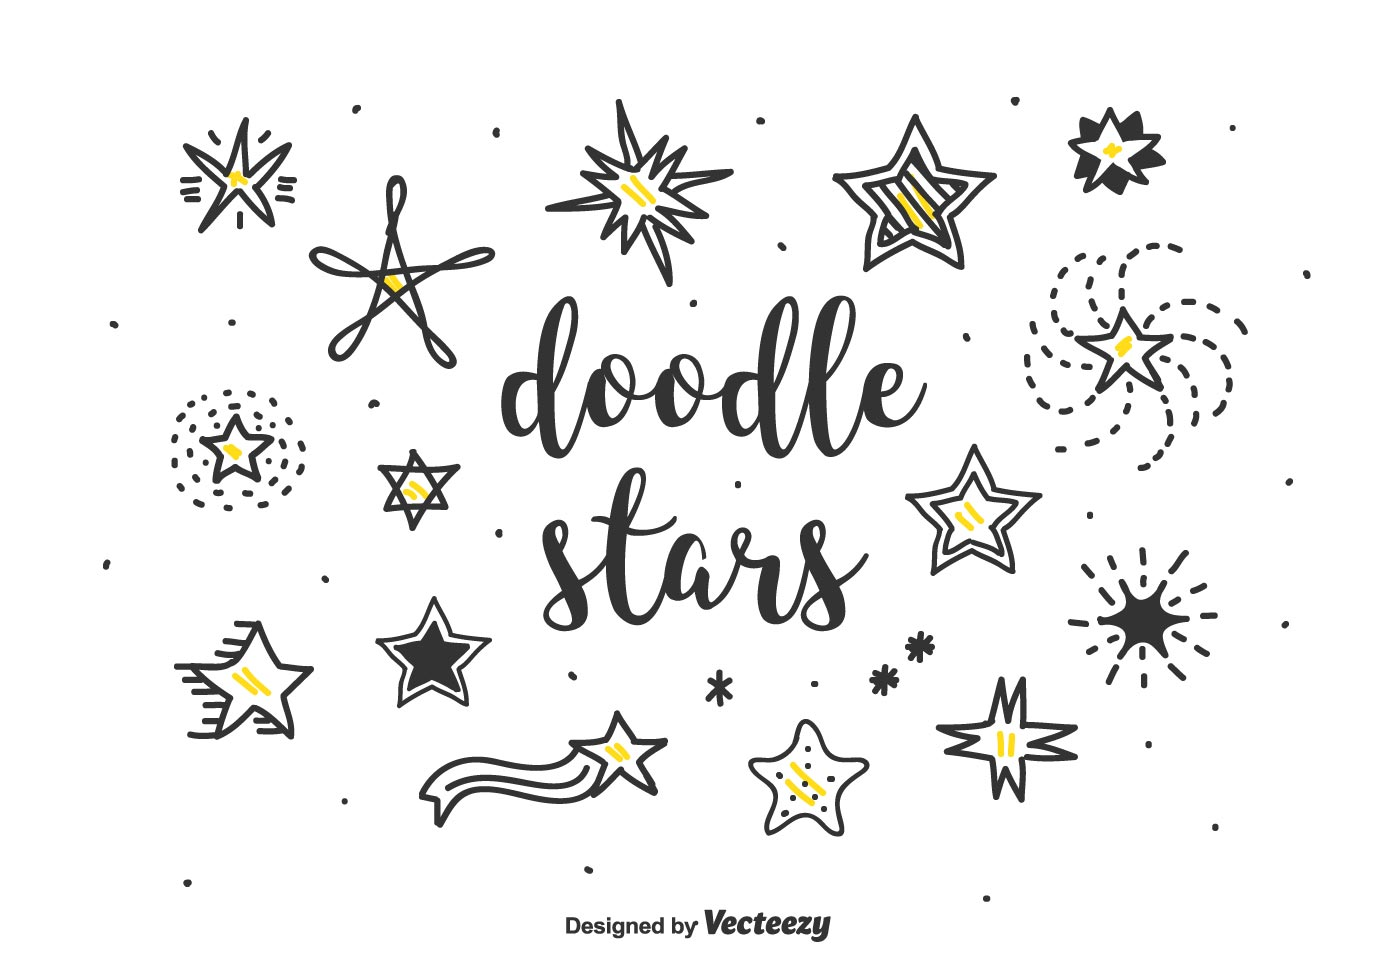 Doodle Stars Vector Set - Download Free Vectors, Clipart ...